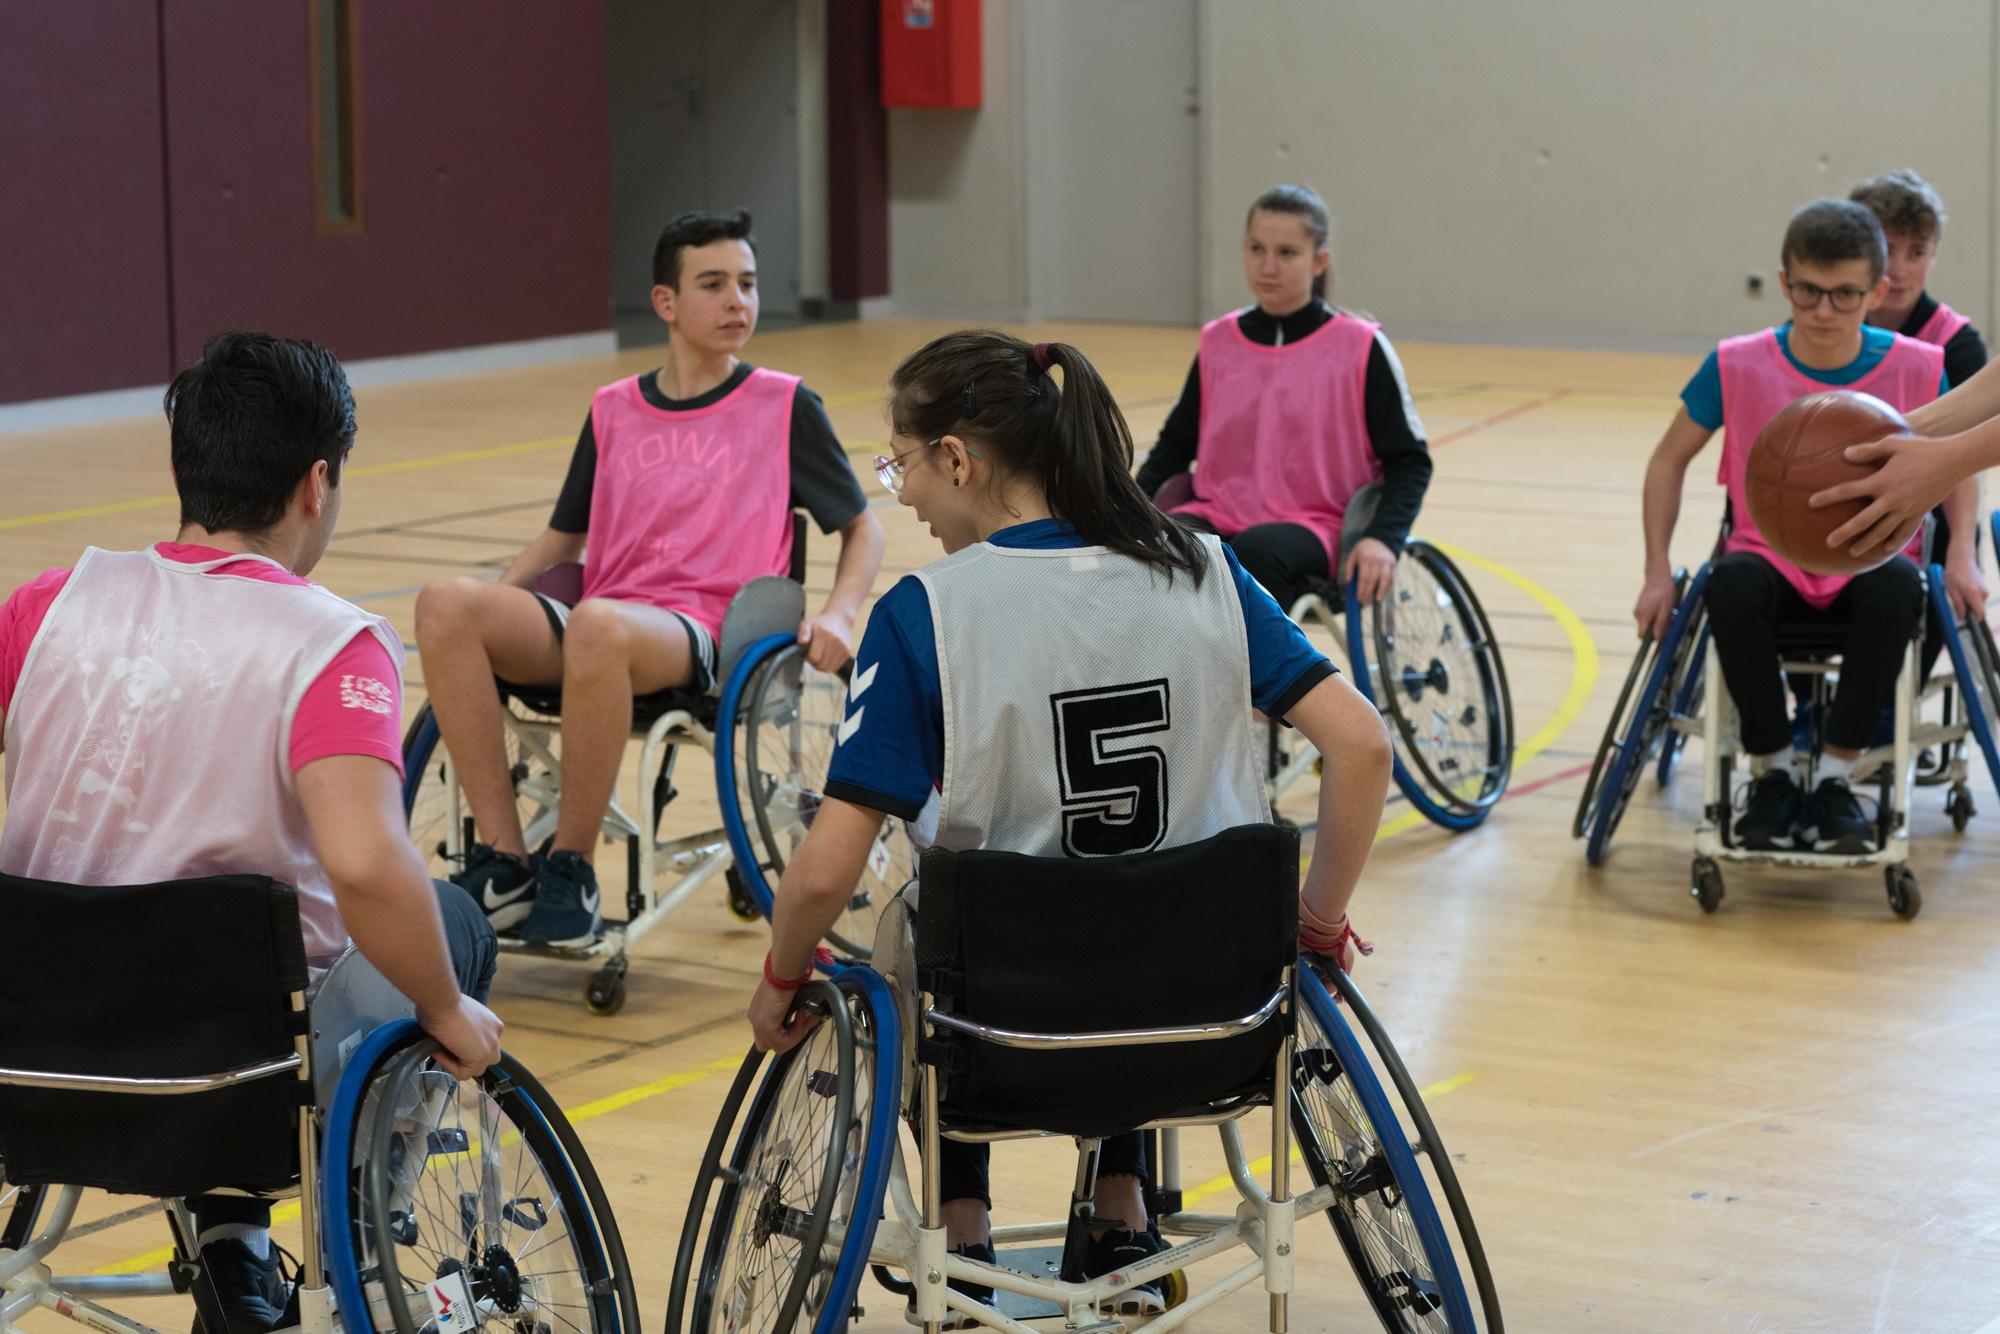 Deux équipes d'élèves s'affrontent en fauteuil sur le terrain de basket.